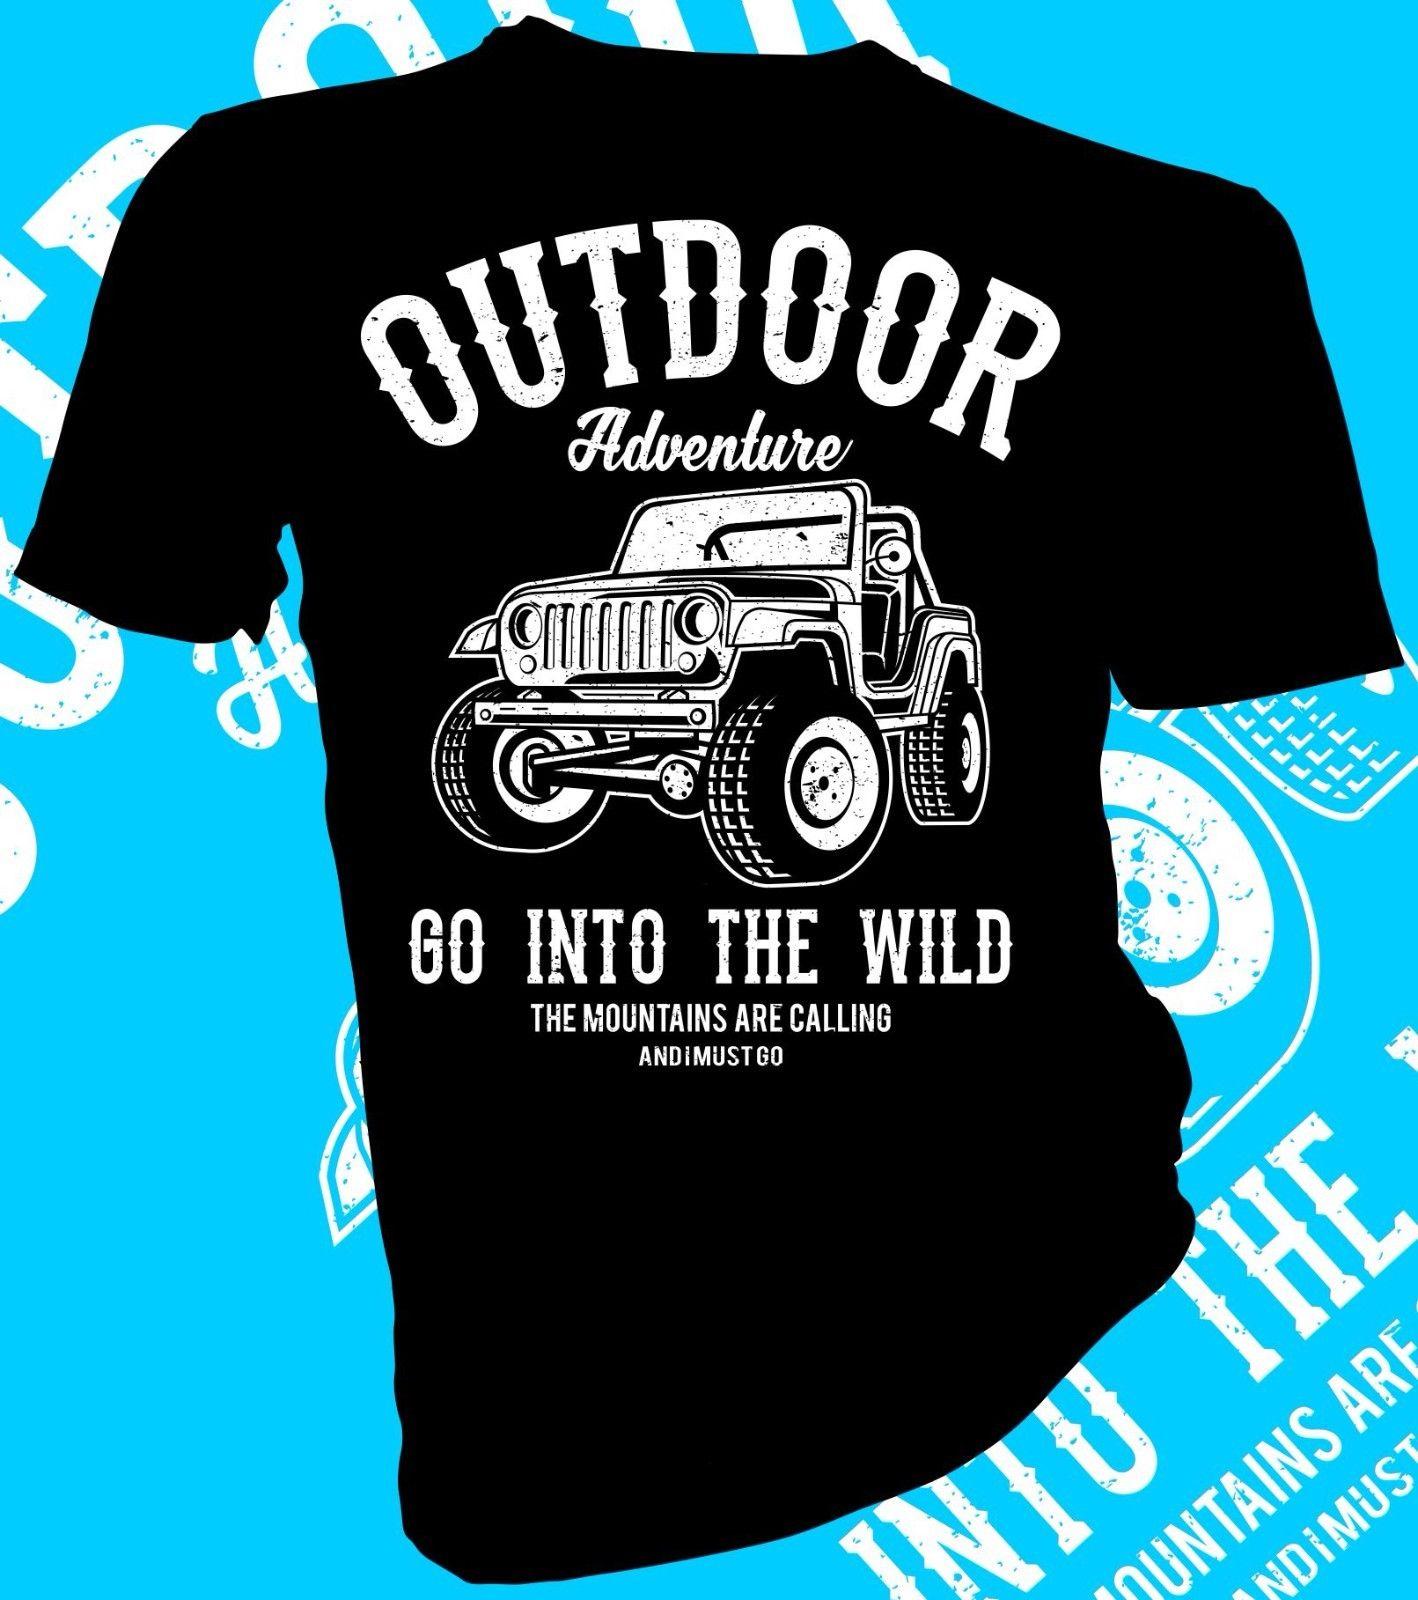 2018 Новая мода Для мужчин футболка Приключения перейдите в дикой природе, Джип, 4x4, автомобиль взрослых унисекс и женские футболки